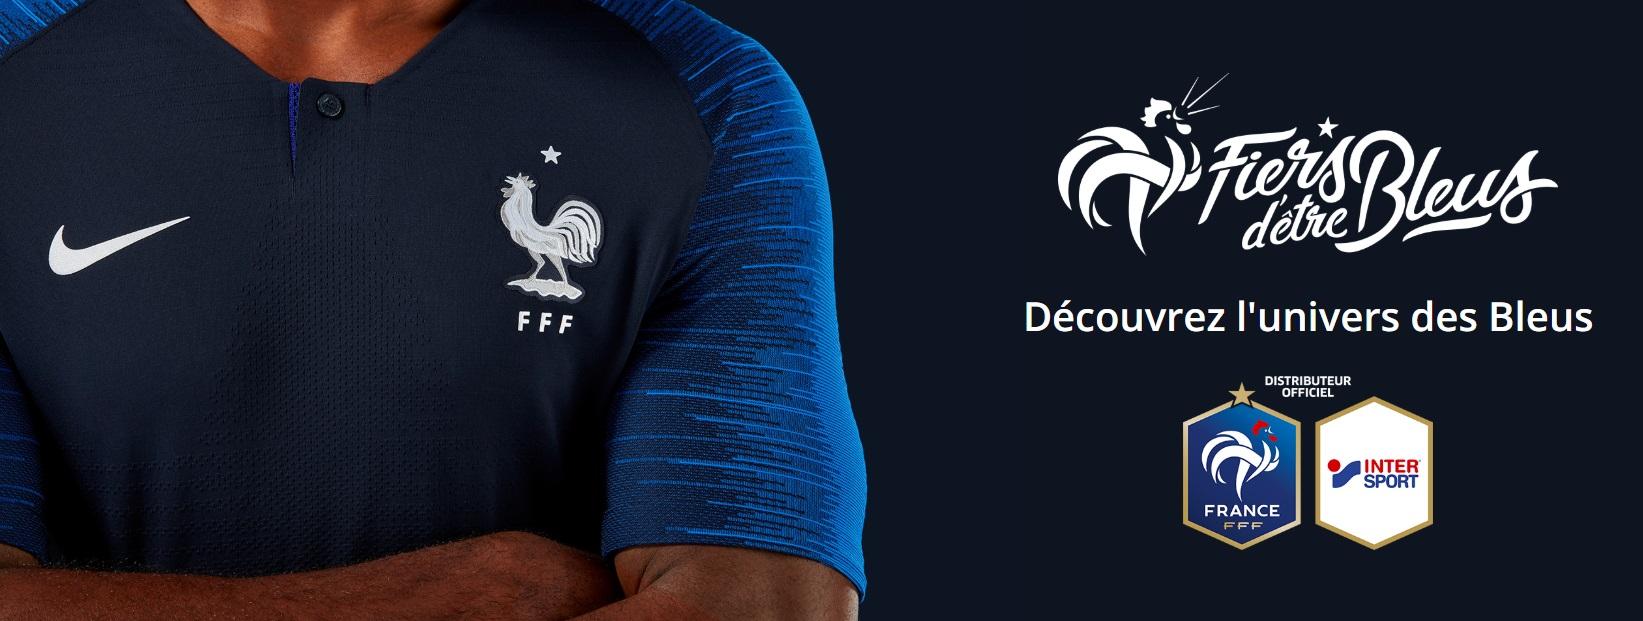 0ae2aba111 A date, 95 000 maillots de l'Equipe de France se sont vendus dans nos  magasins depuis le début de la compétition »